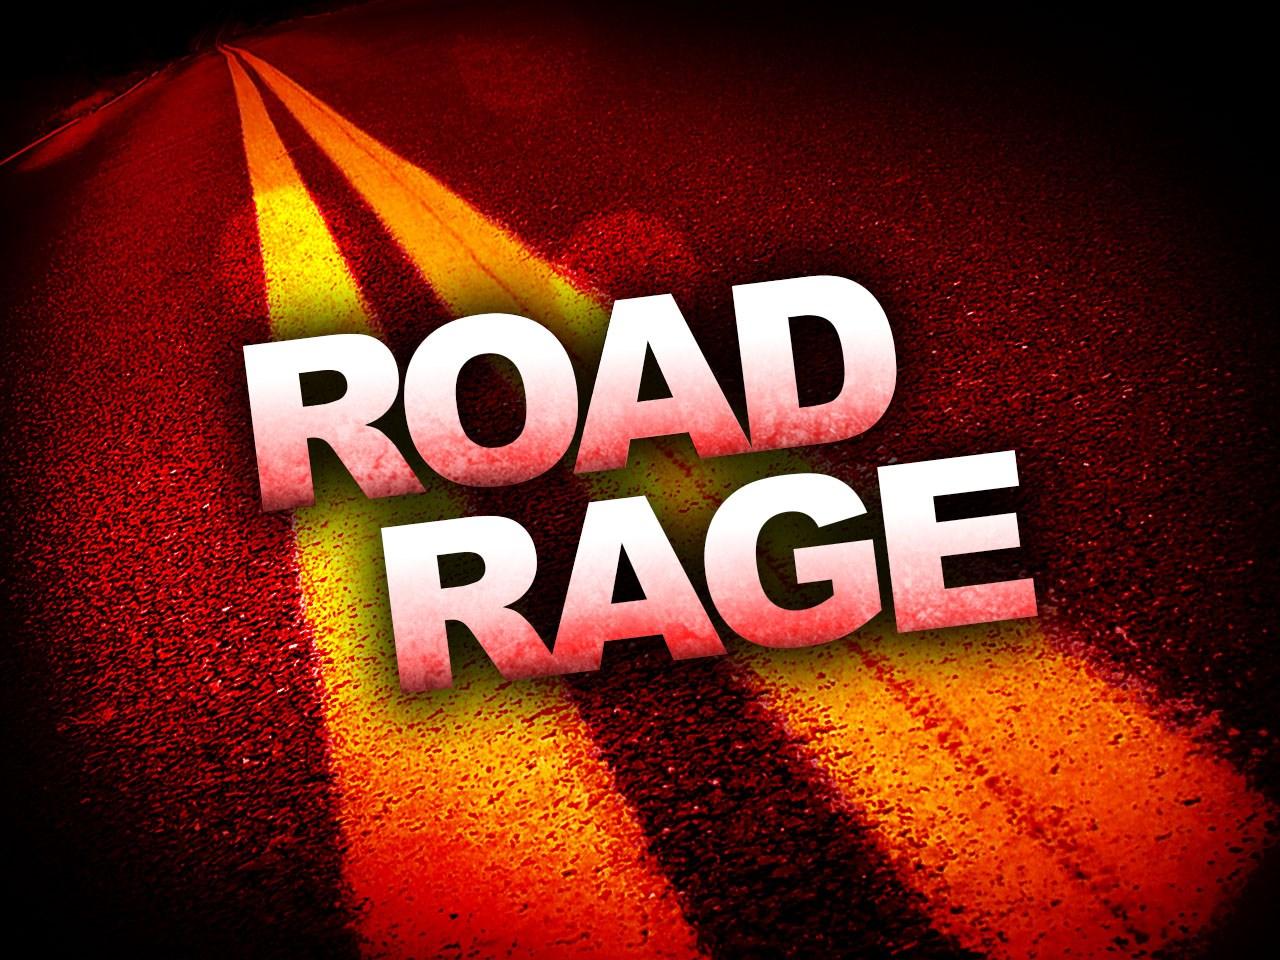 road rage_1509743206795.jpg